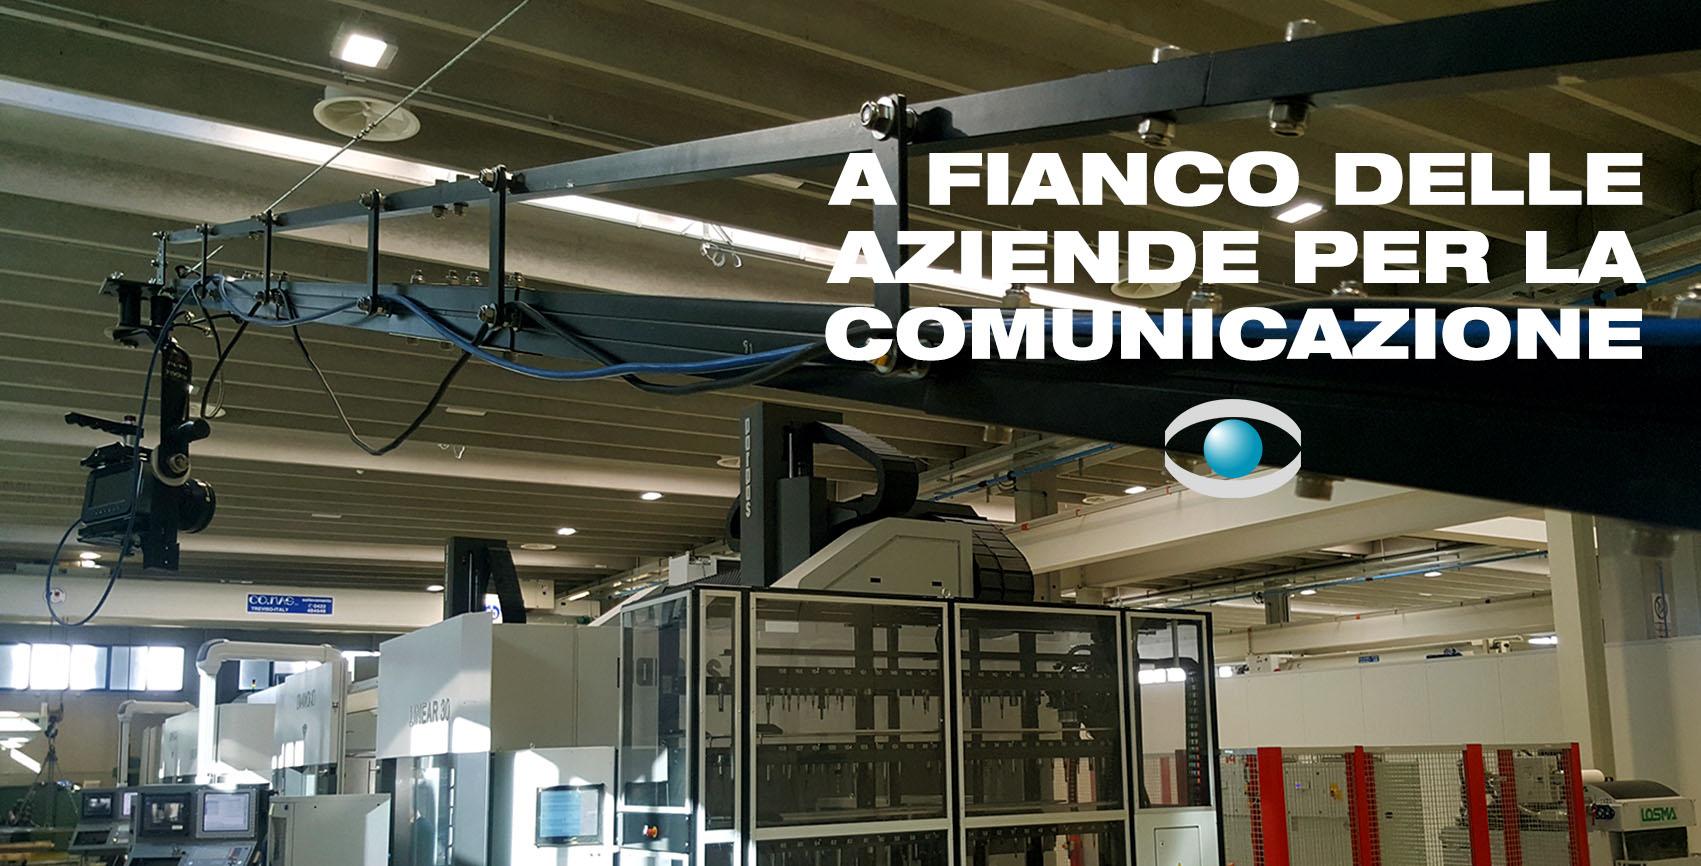 OFICINA SNC Padova Comunicazione d'impresa Padova Vicenza Treviso VENEZIA